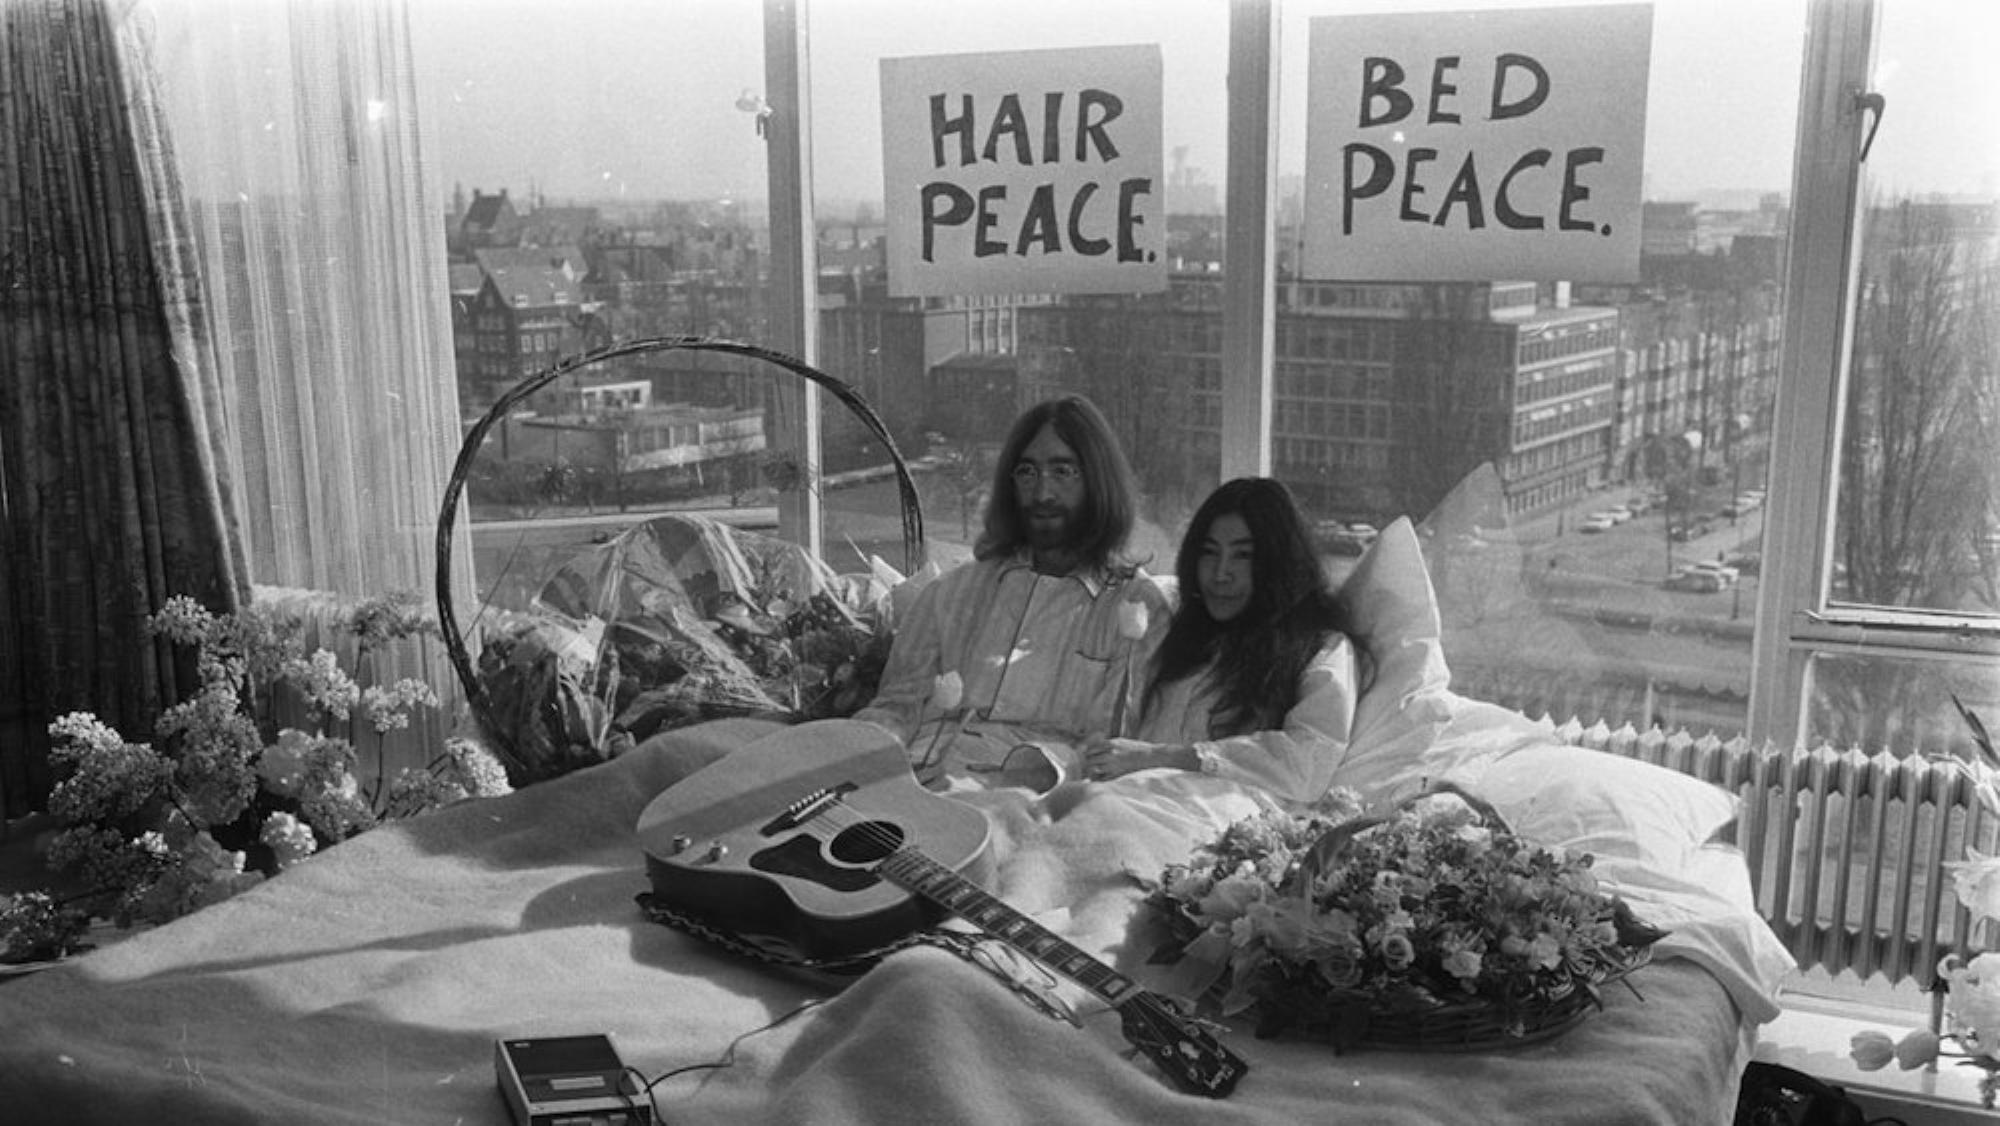 Letto e capelli per la pace... Opera di John Lennon e Yoko Ono!